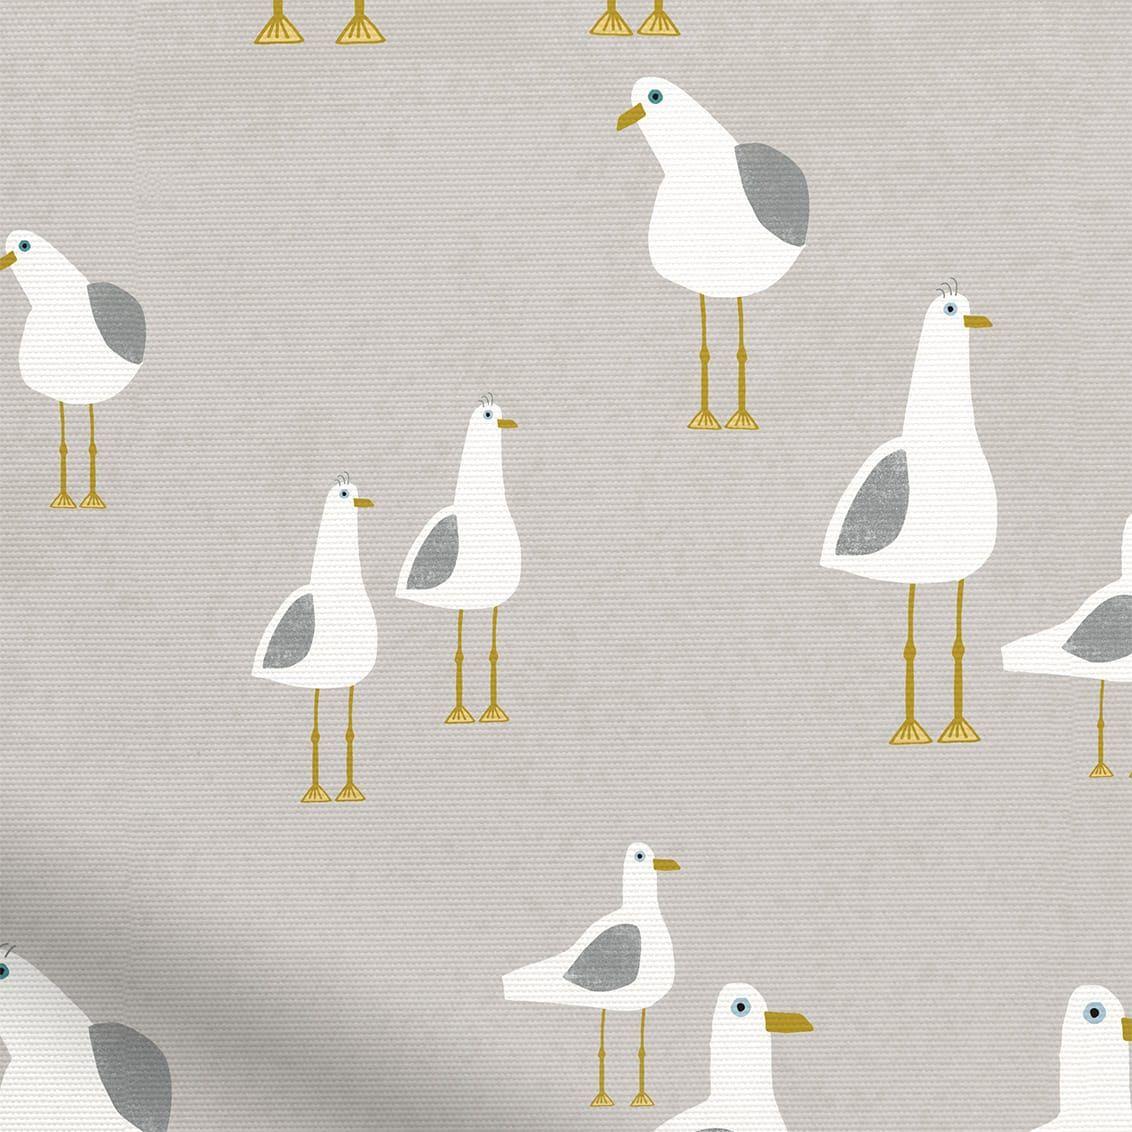 Splash Blackout Gulls Pebble Roller Blind Fabric Blinds